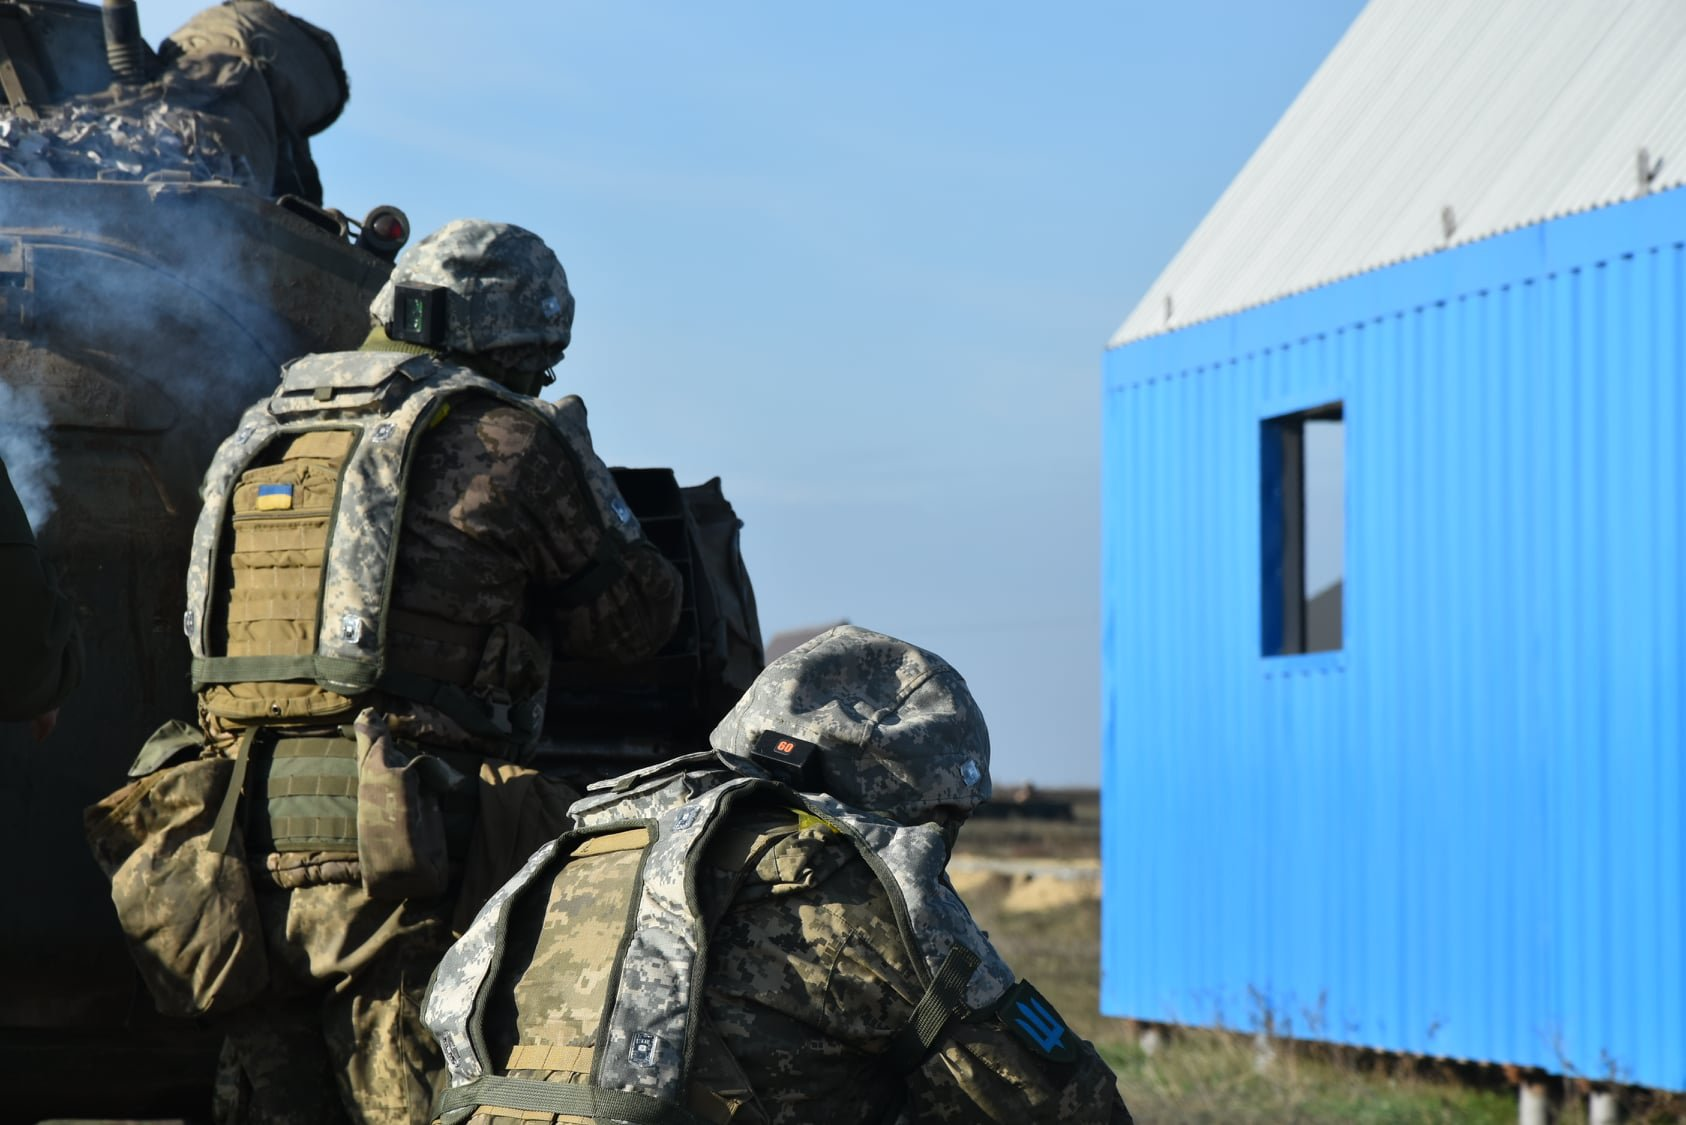 Покришки та стіни. Як на Широкому Лані тренуються воювати в умовах міста (ФОТО)